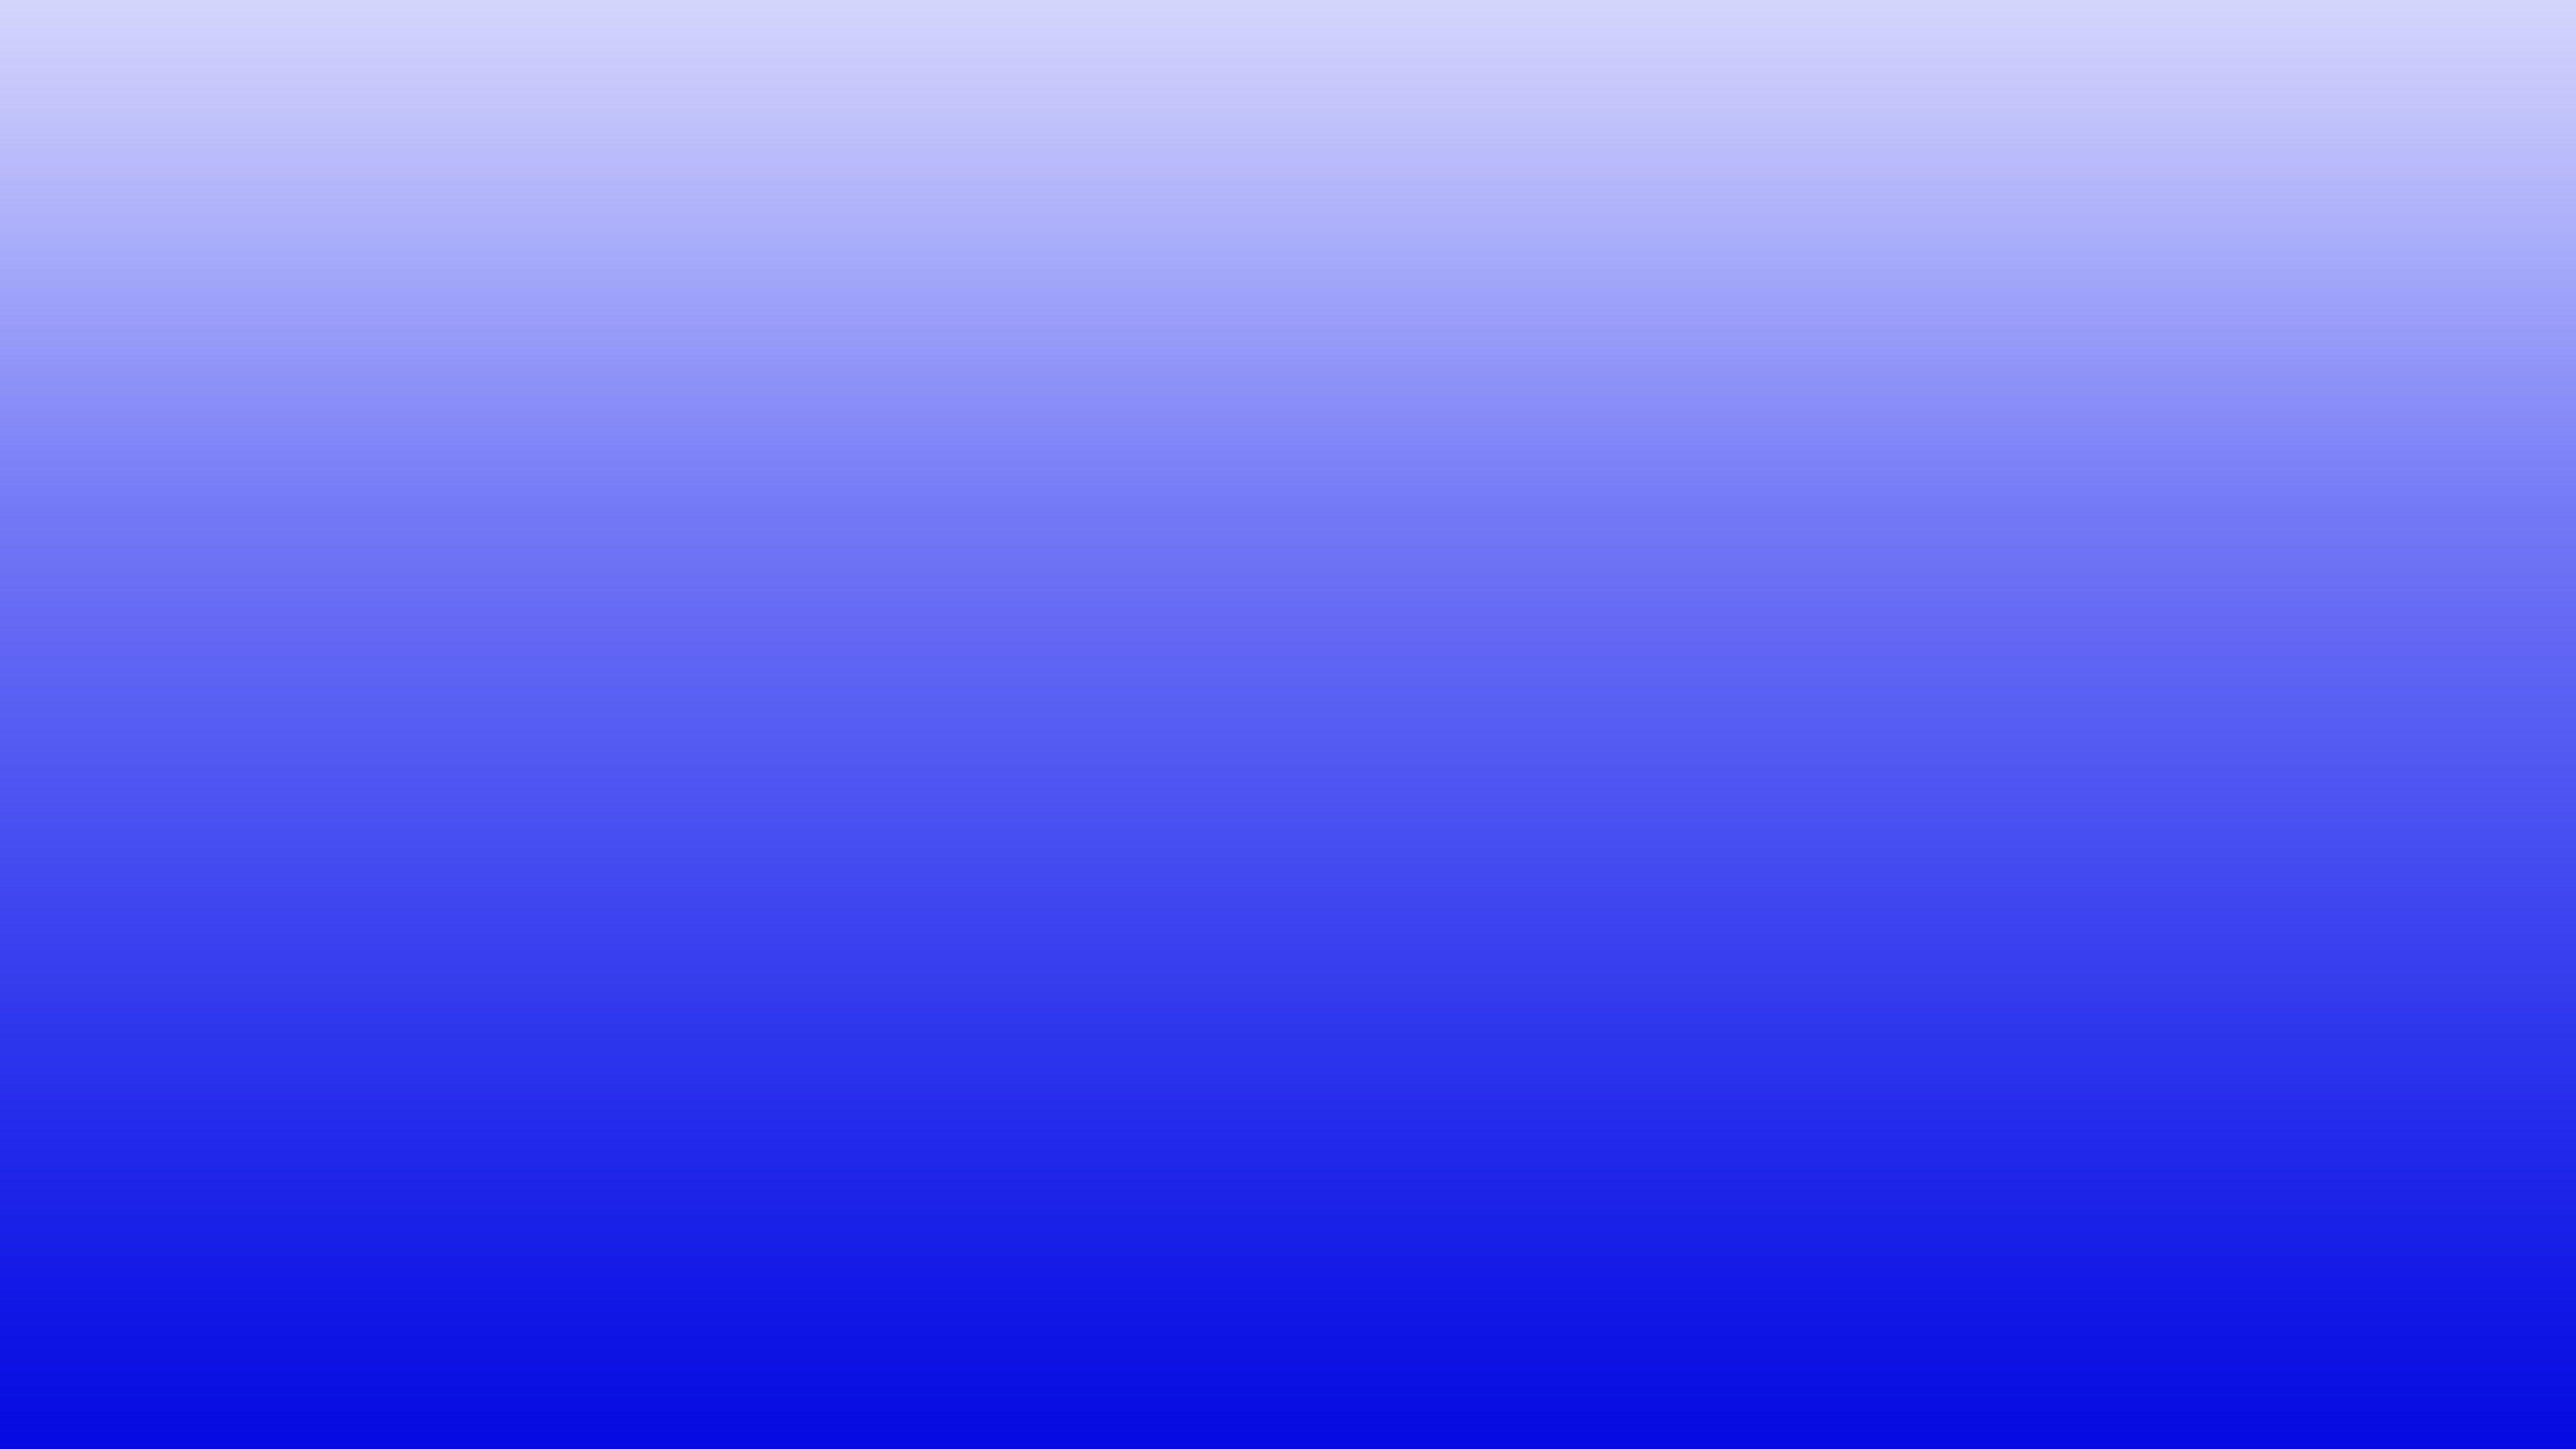 Wallpaper azul com branco